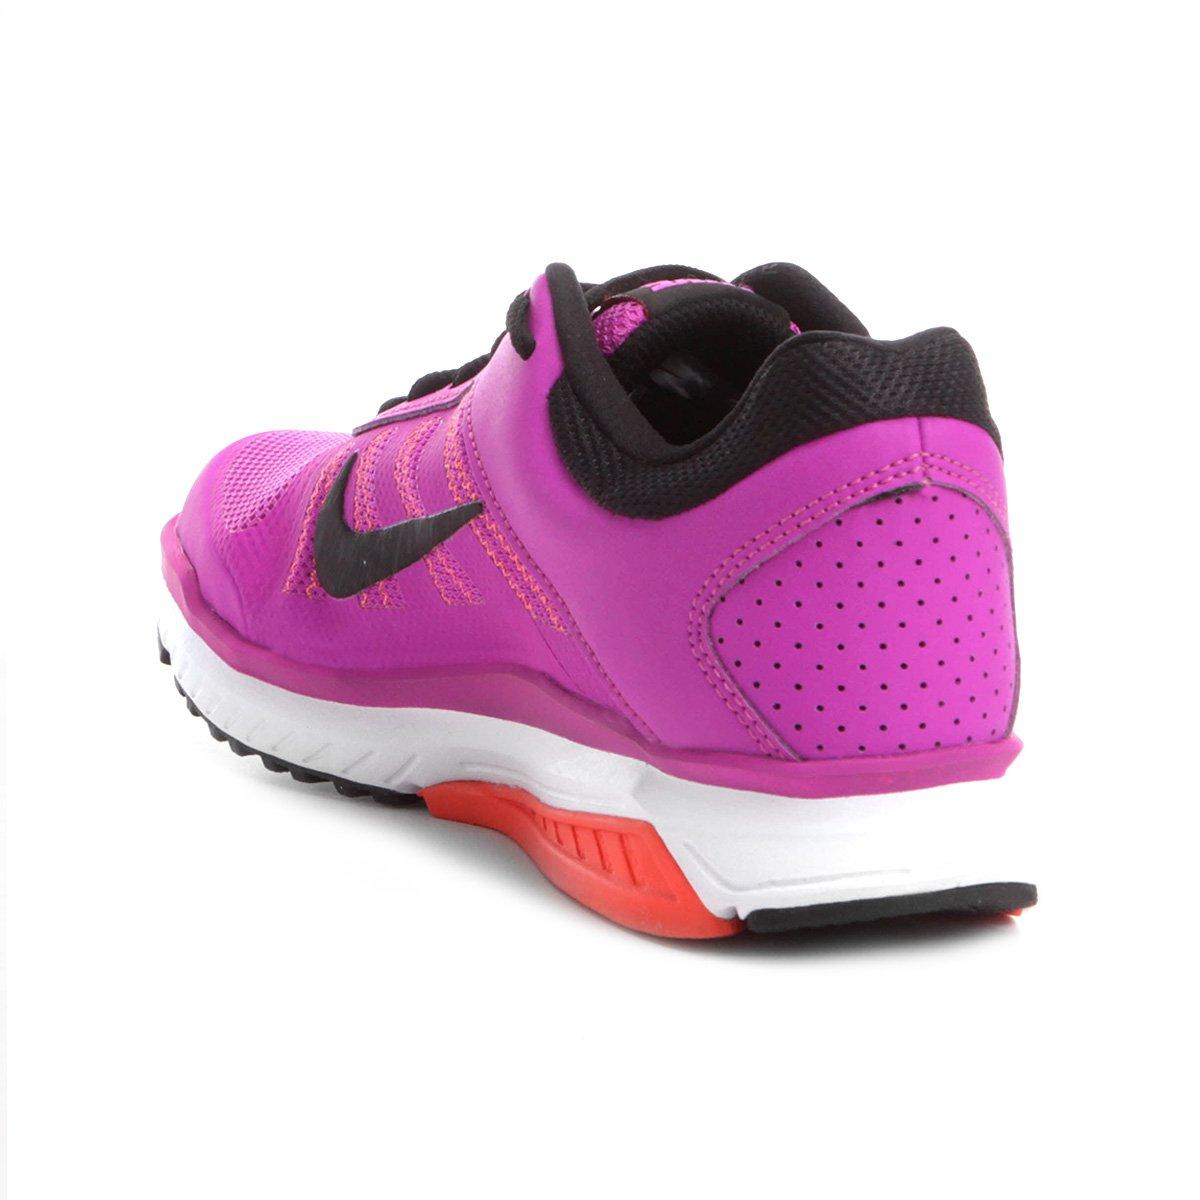 914d859e6c Tênis Nike Dart 12 MSL Feminino | Livelo -Sua Vida com Mais Recompensas